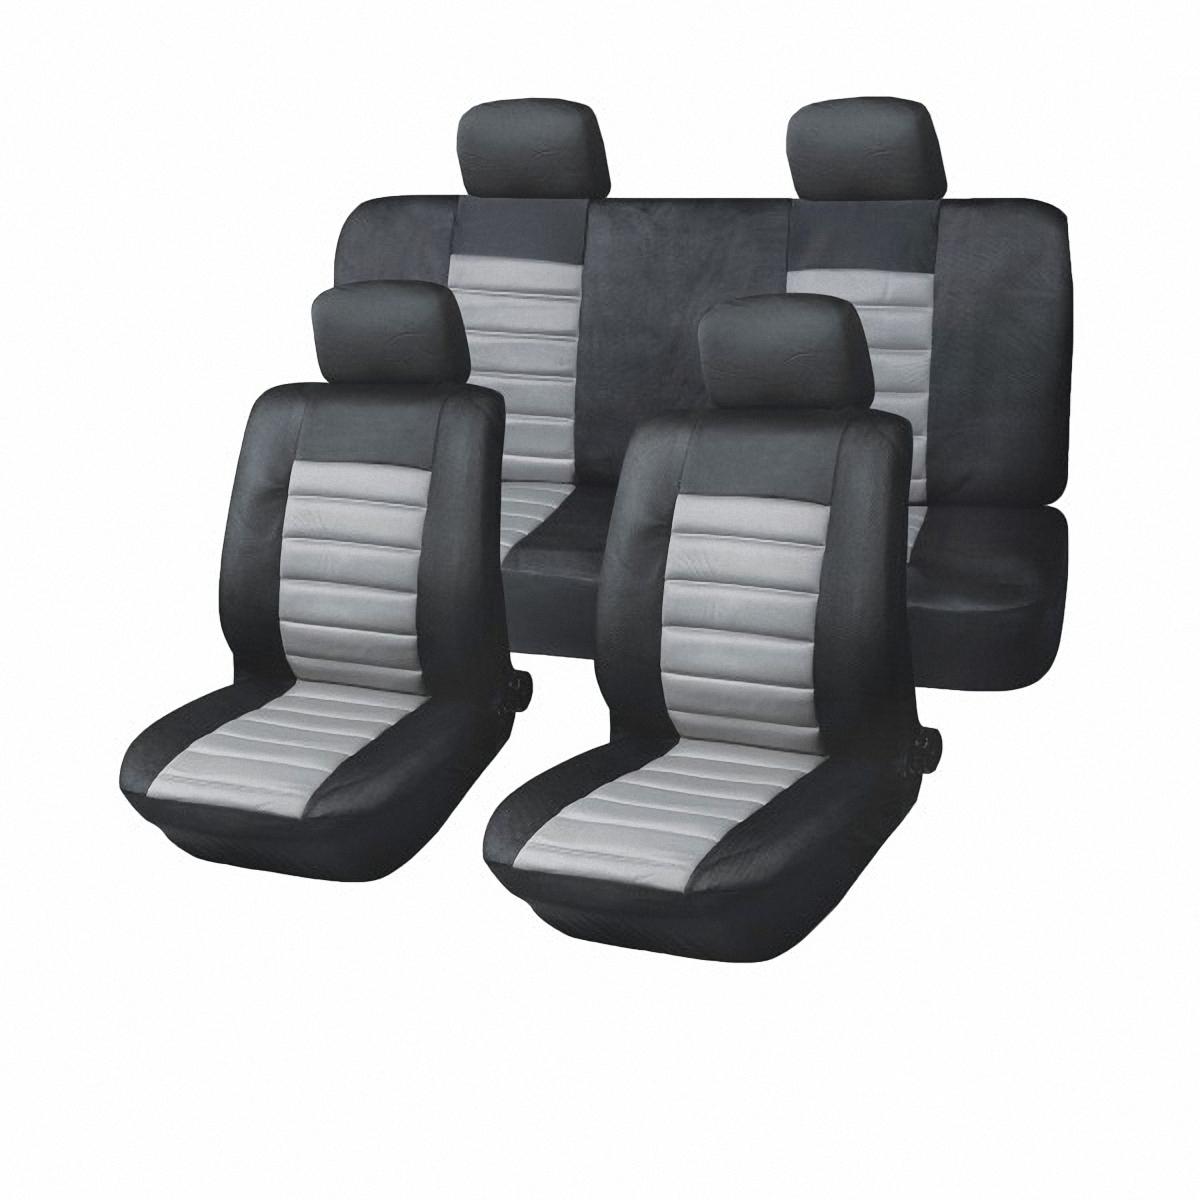 Чехлы автомобильные Skyway. SW-101014 BK/GY/S01301020SW-101014 BK/GY/S01301020Комплект классических универсальных автомобильных чехлов Skyway изготовлен из полиэстера. Чехлы защитят обивку сидений от вытирания и выцветания. Благодаря структуре ткани, обеспечивается улучшенная вентиляция кресел, что позволяет сделать более комфортными долгое пребывание за рулем во время дальней поездки.